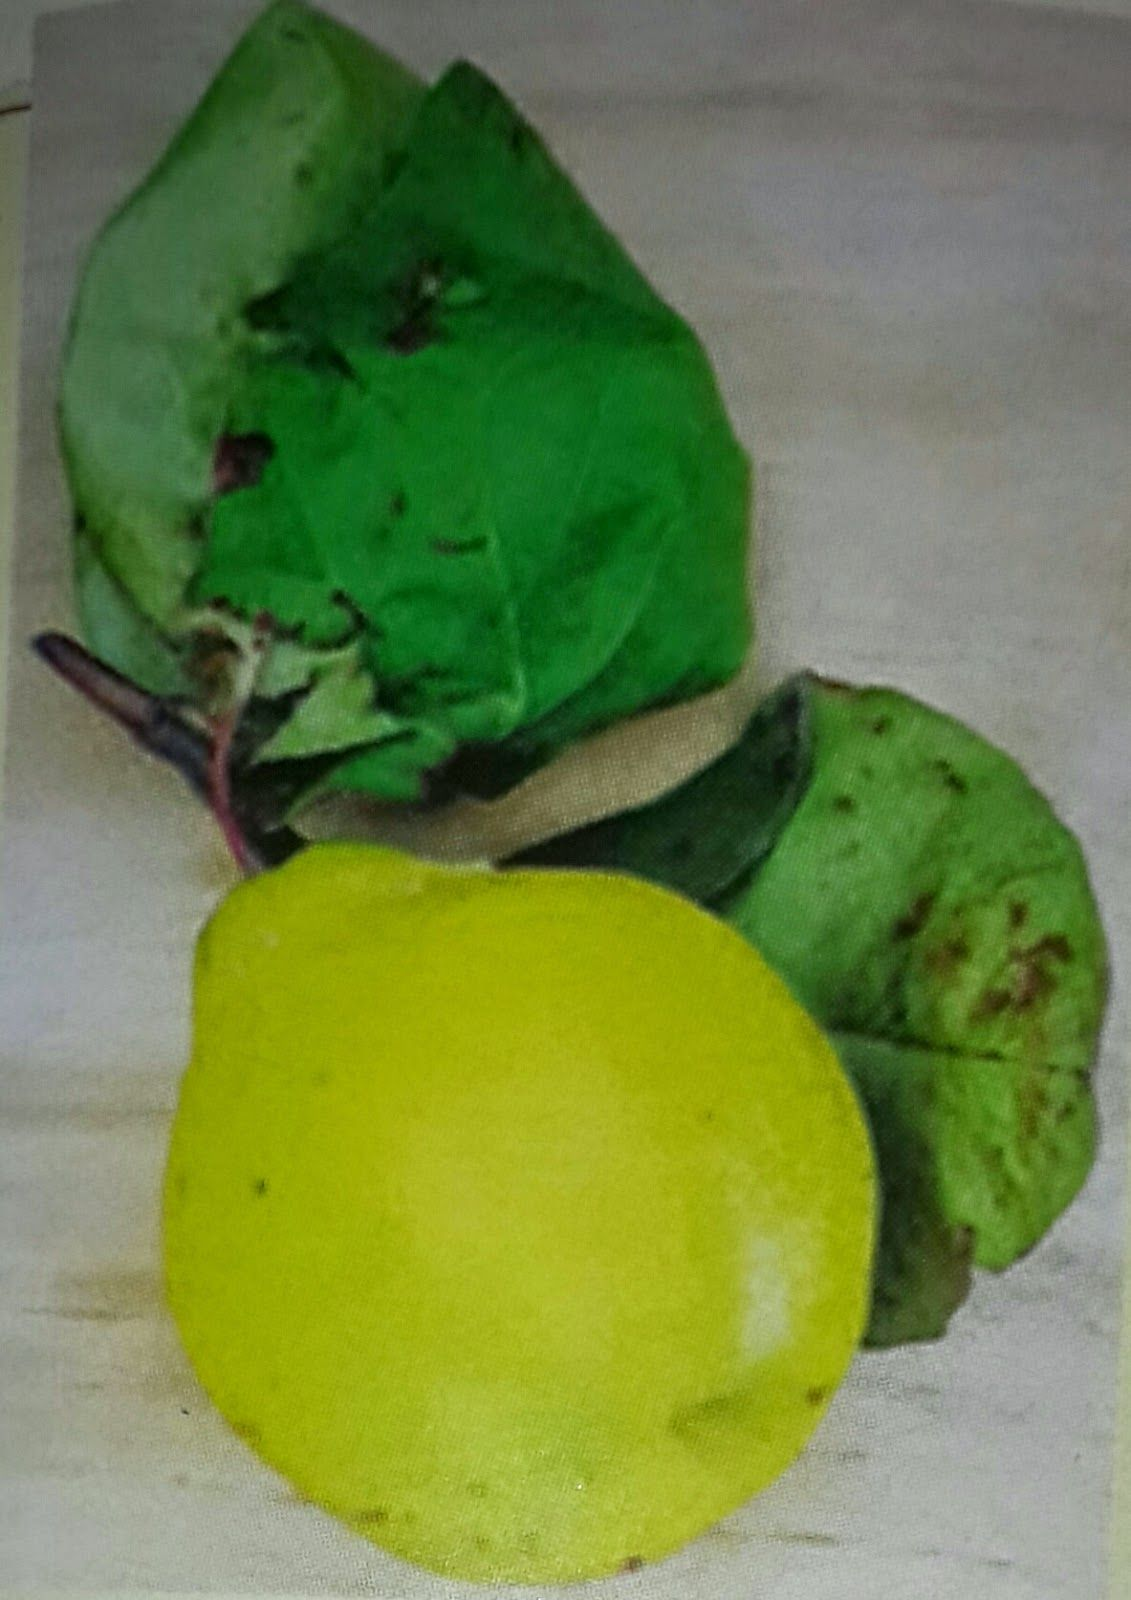 نصائح علاجية الاسفرجل Mango Fruit Food